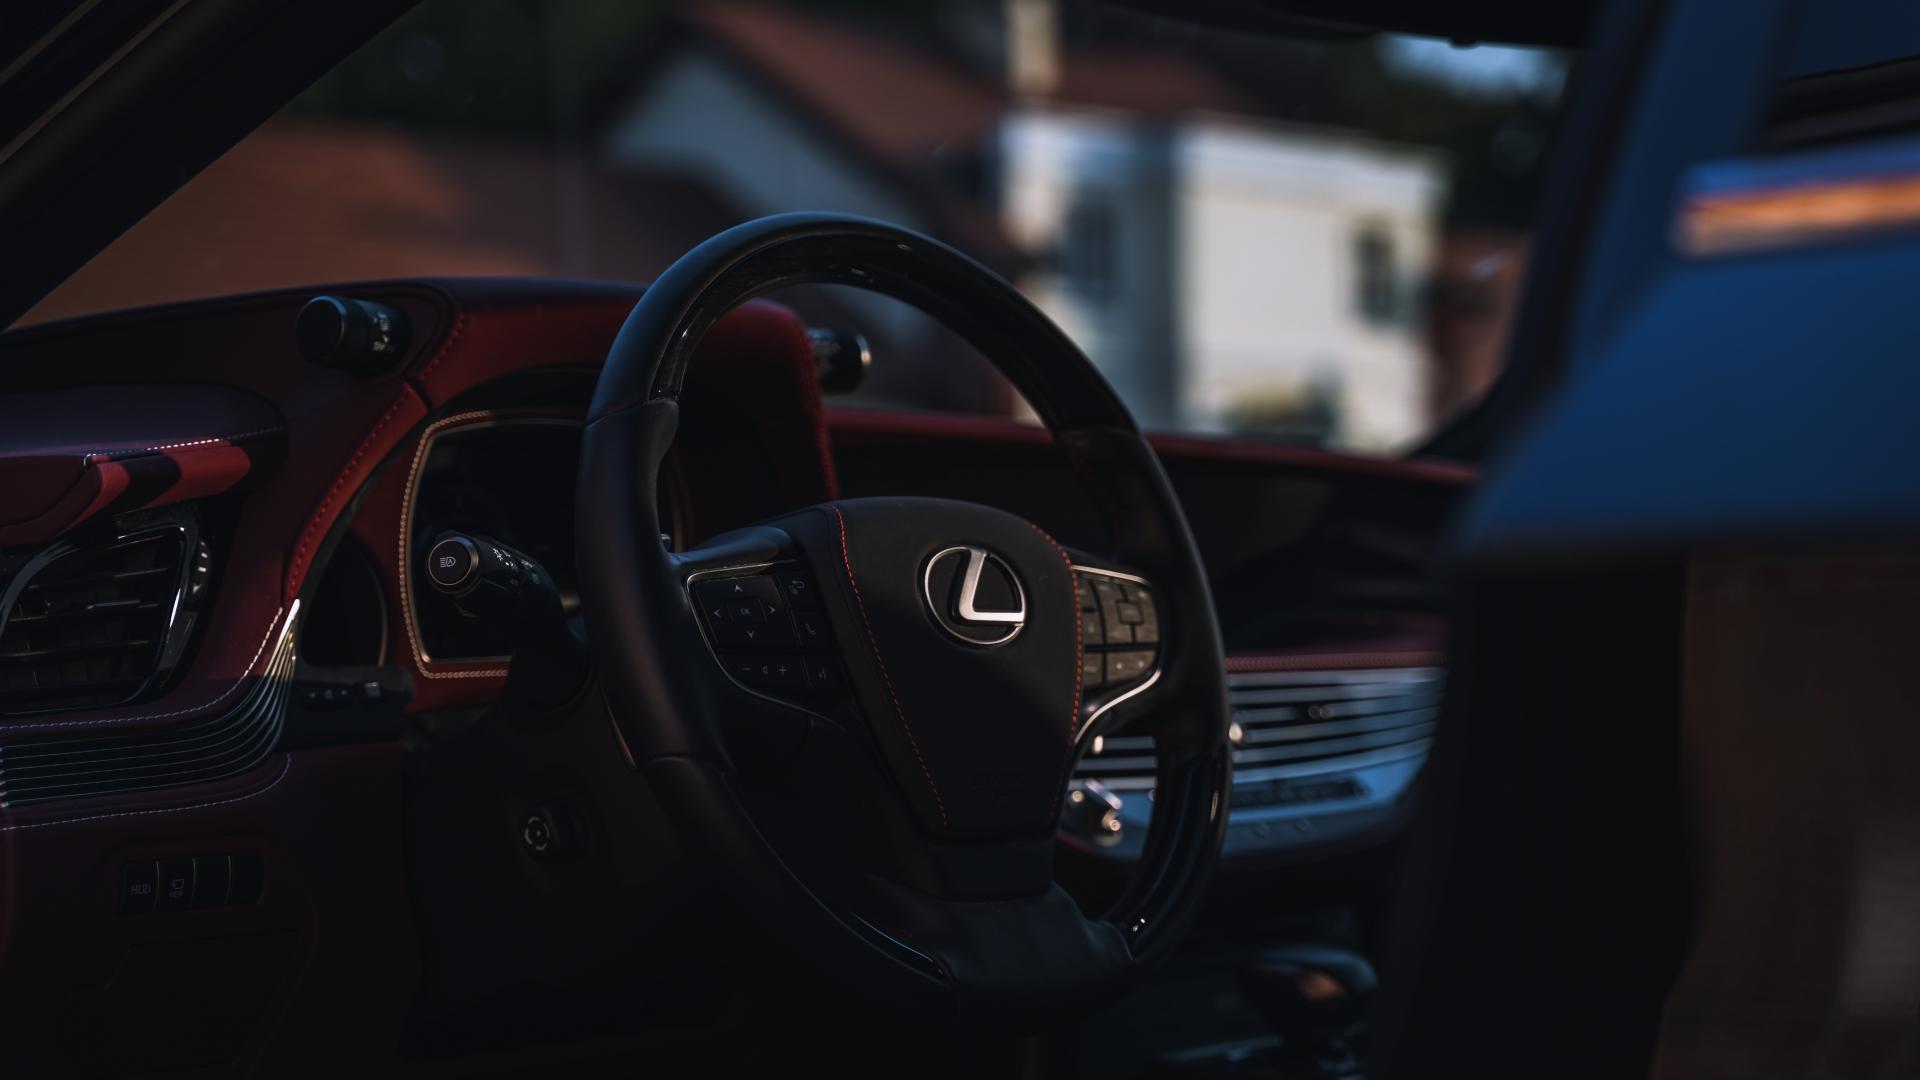 2020 Lexus LS500h 3.5 V6 359 KM Omotenashi